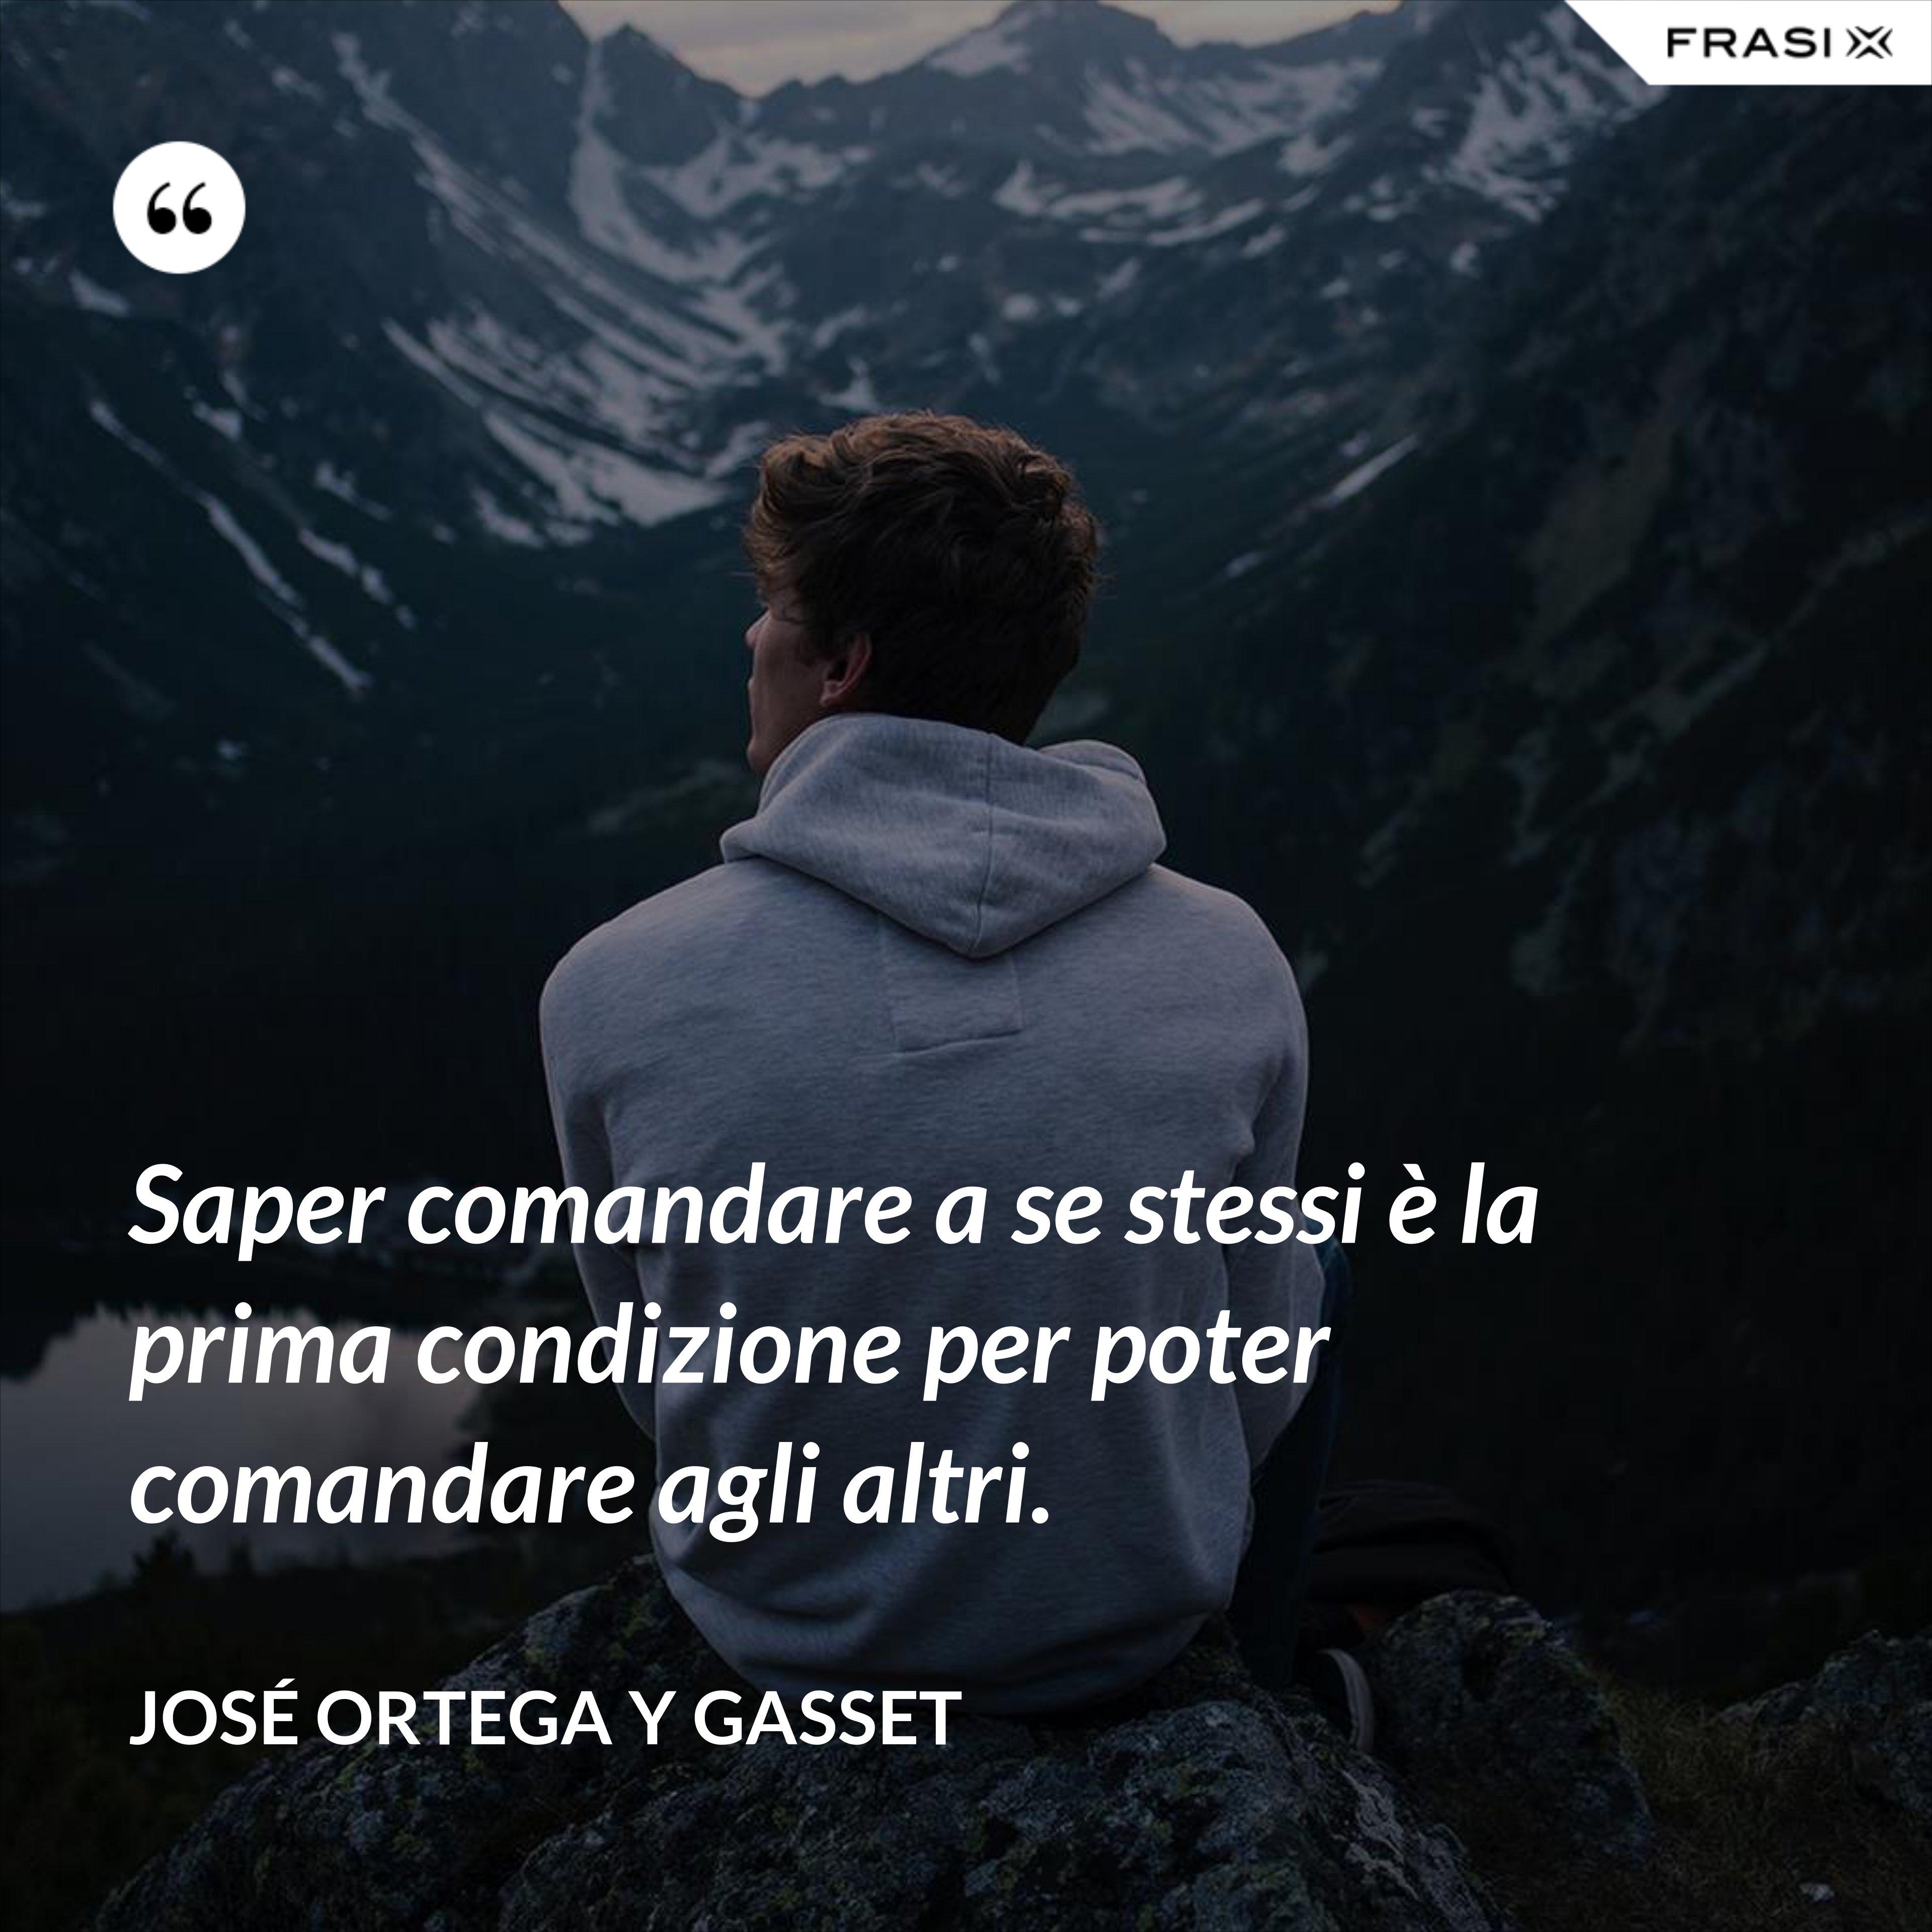 Saper comandare a se stessi è la prima condizione per poter comandare agli altri. - José Ortega y Gasset